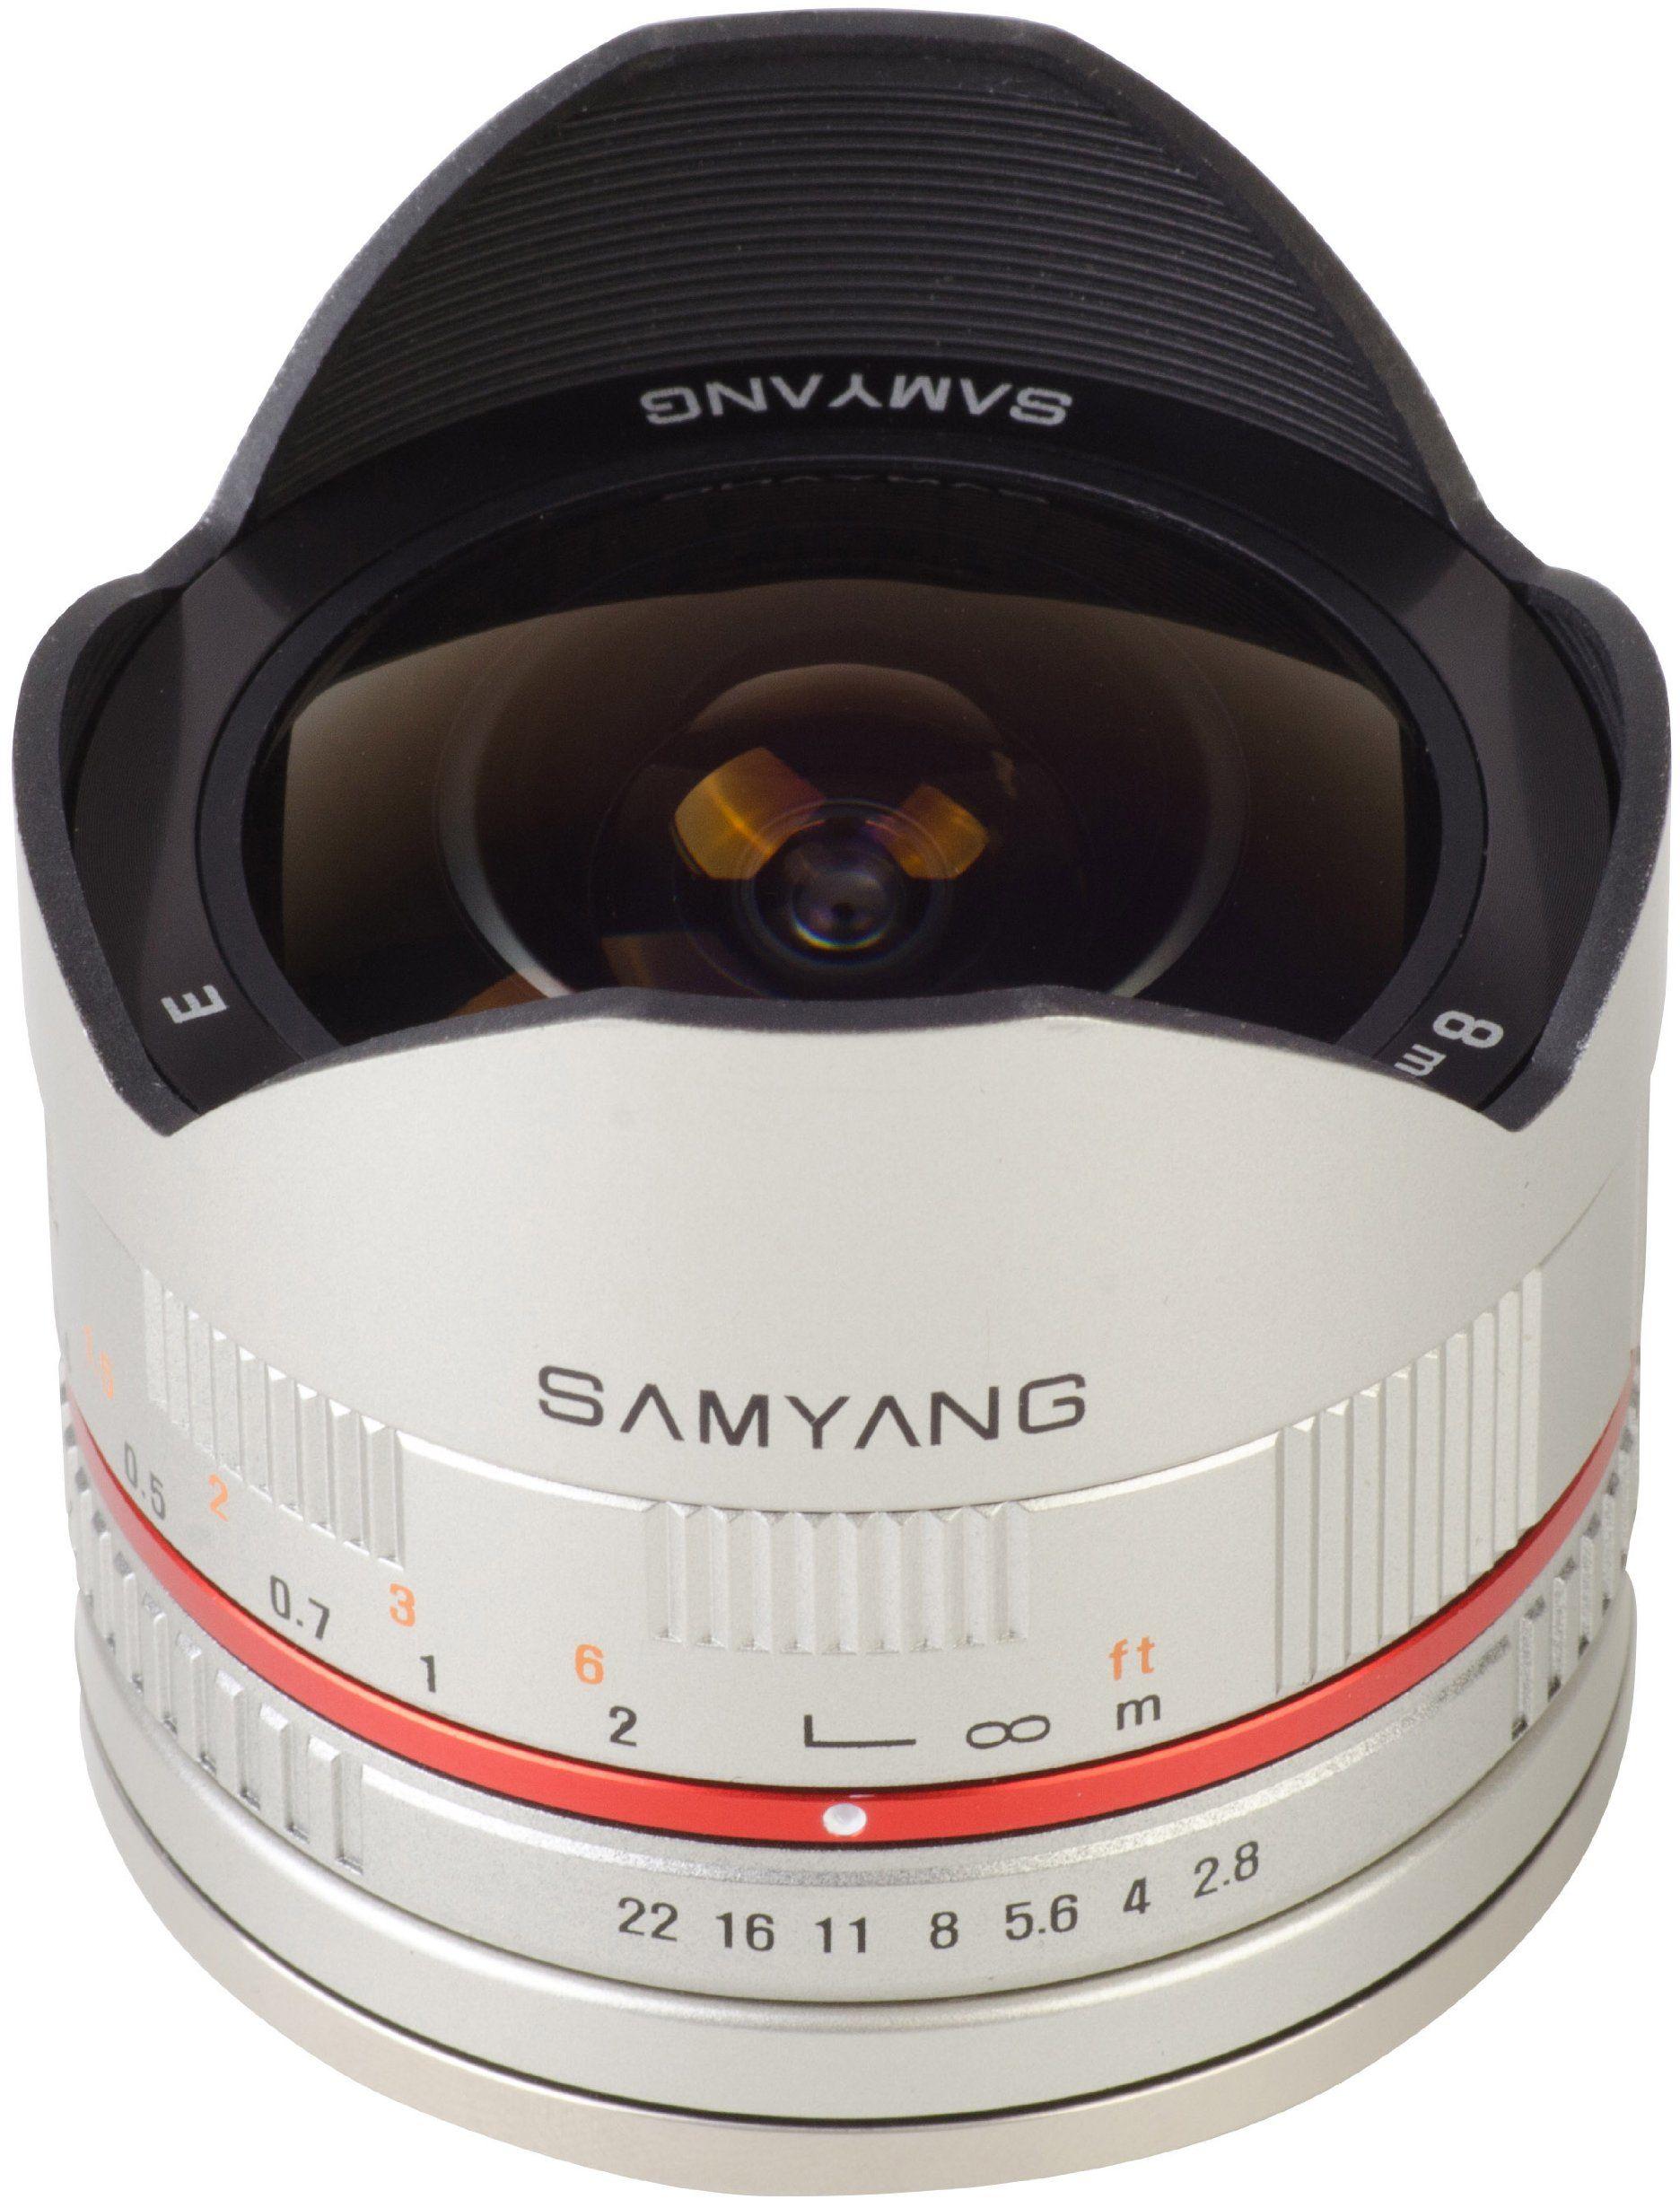 Samyang 8 mm rybie oko F2.8 ręczna soczewka ogniskowa do Samsung NX - srebrna